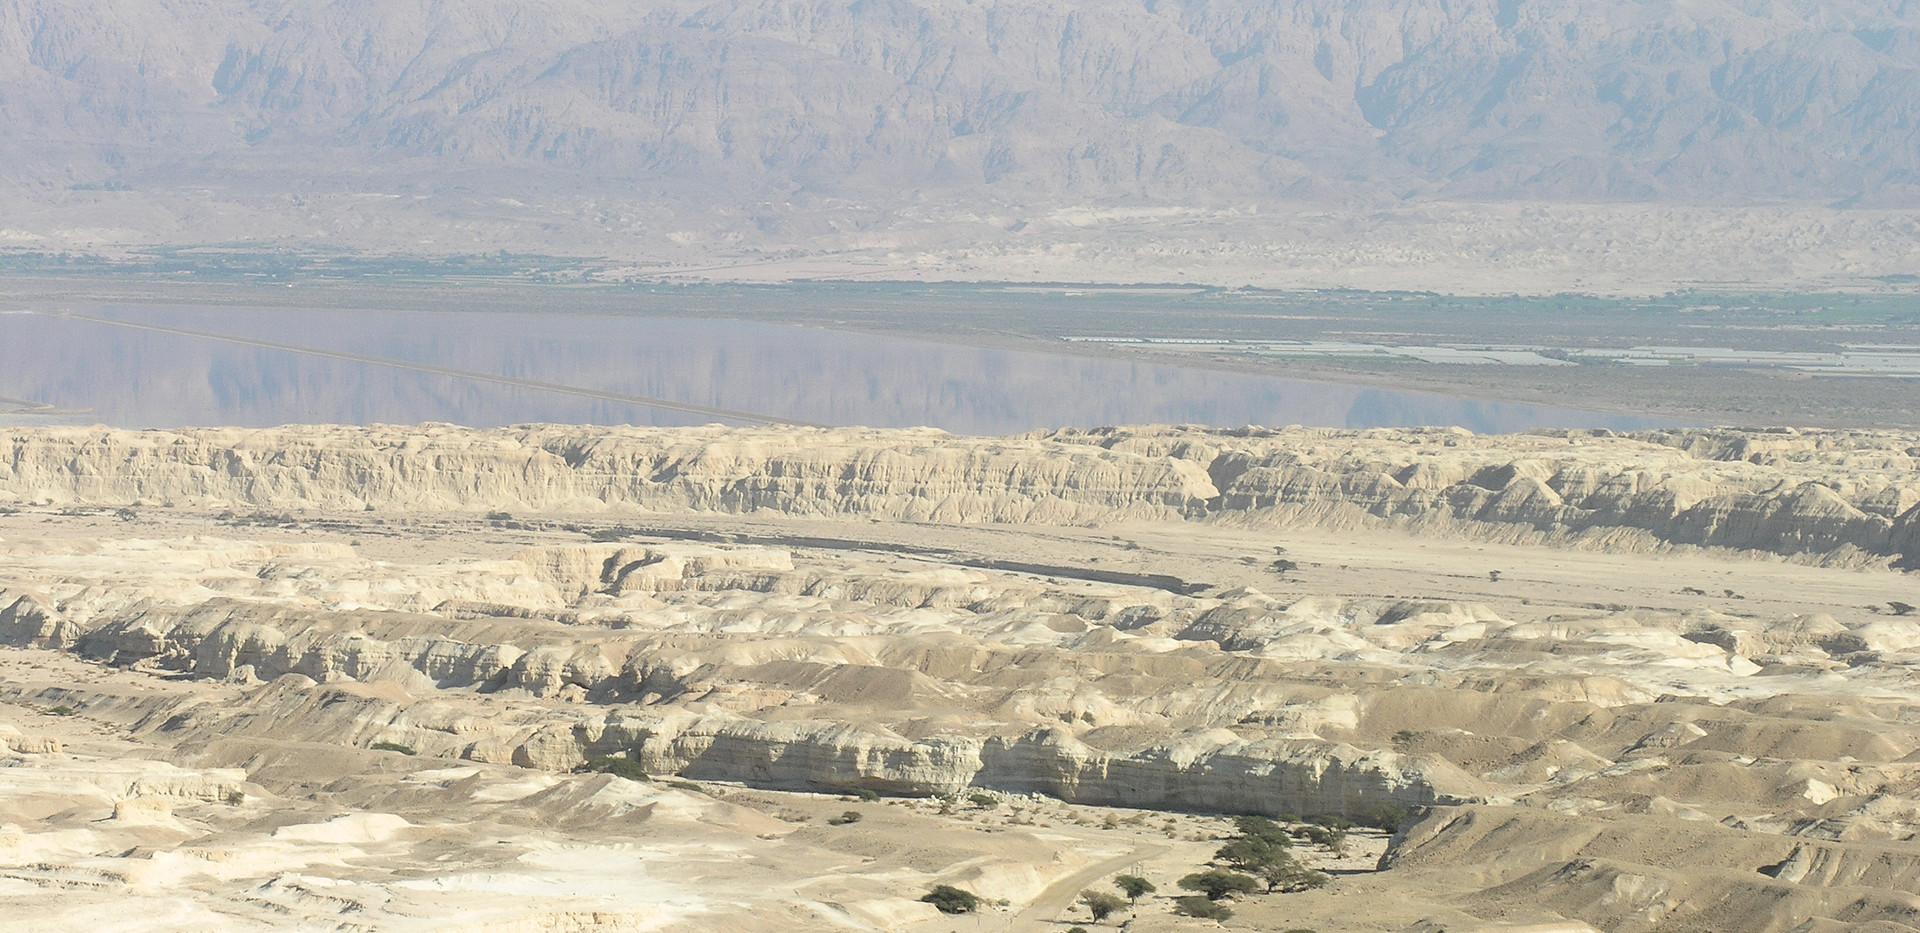 072 Dead Sea.JPG